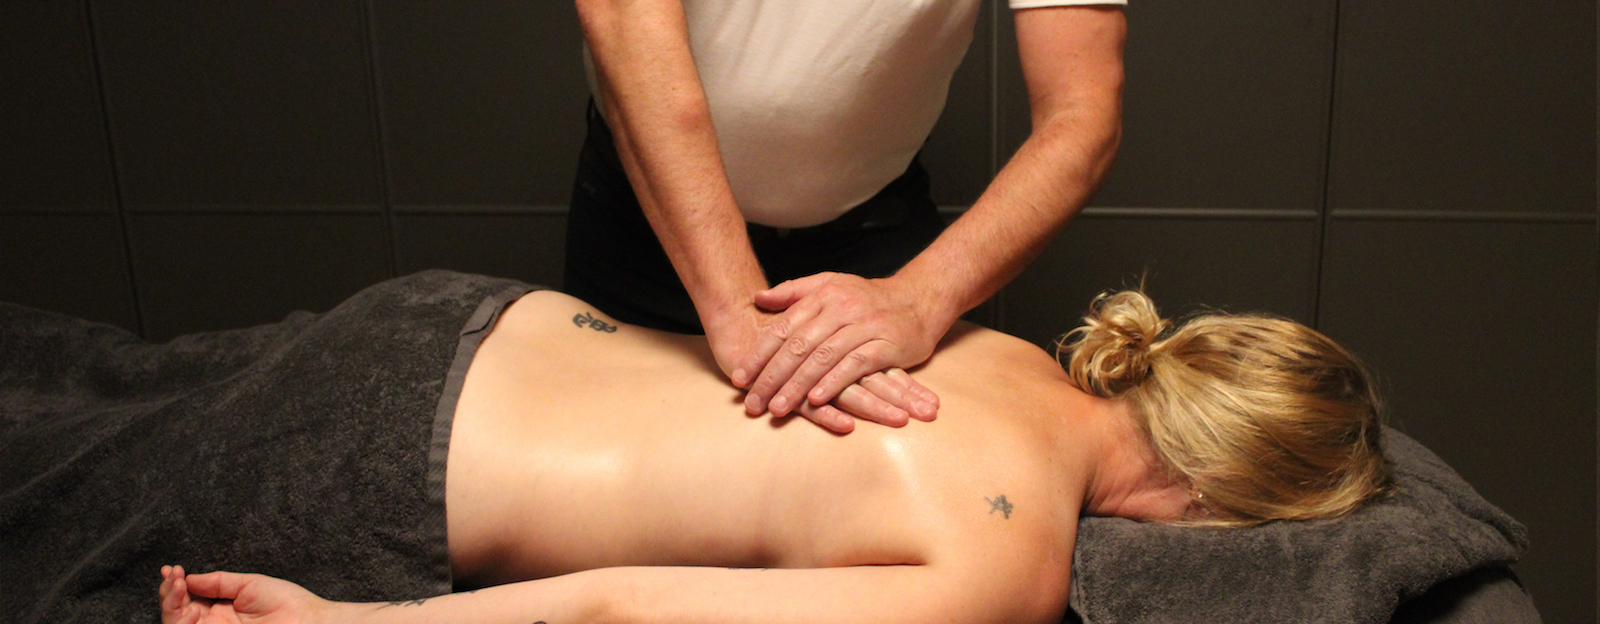 Kom tot volledige ontspanning en innerlijke rust met een anti-stress massage.